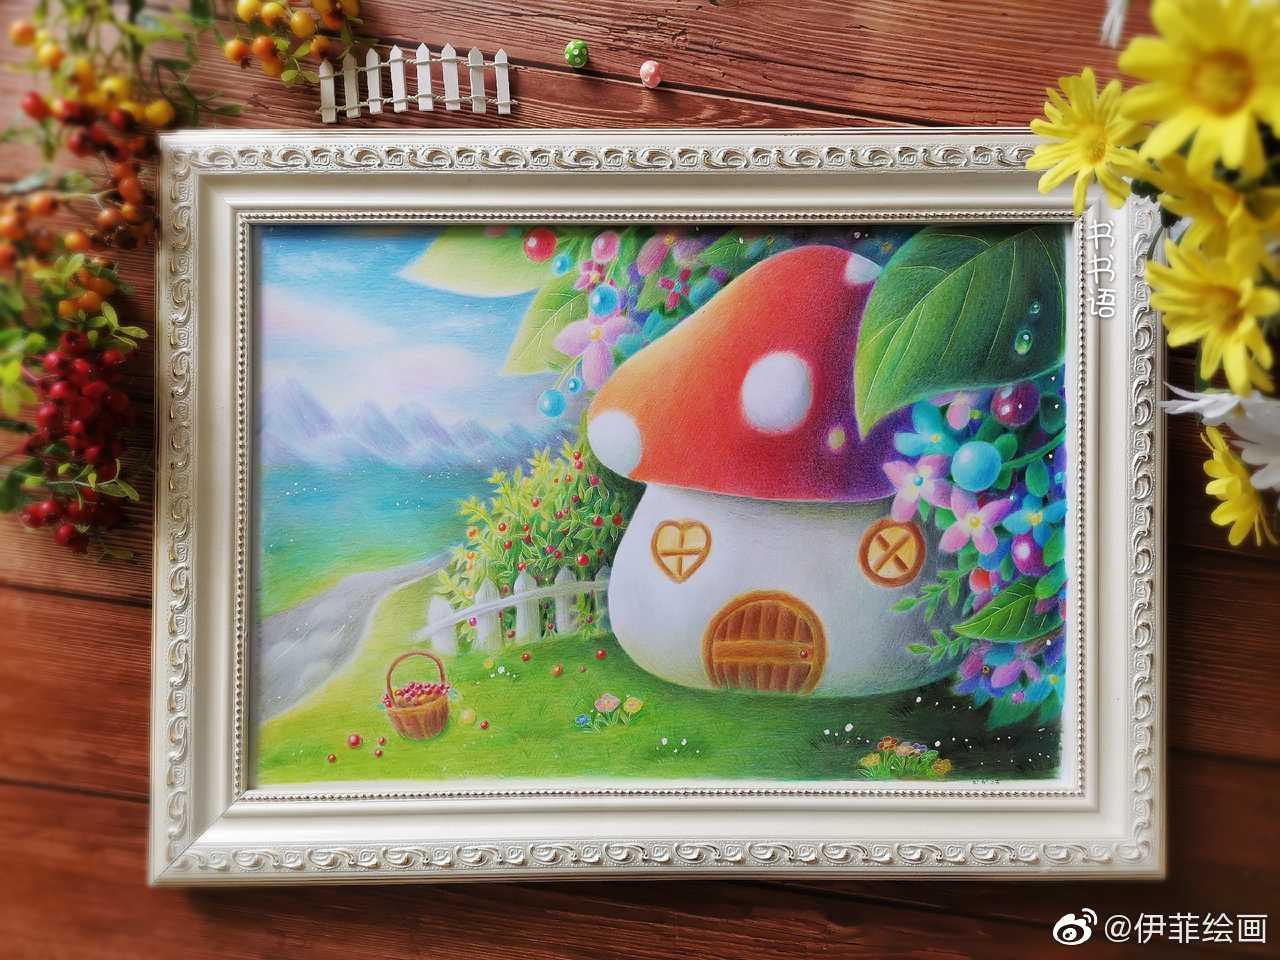 彩铅画手绘作品欣赏书书语原创彩铅绘之《蘑菇小屋》。投稿